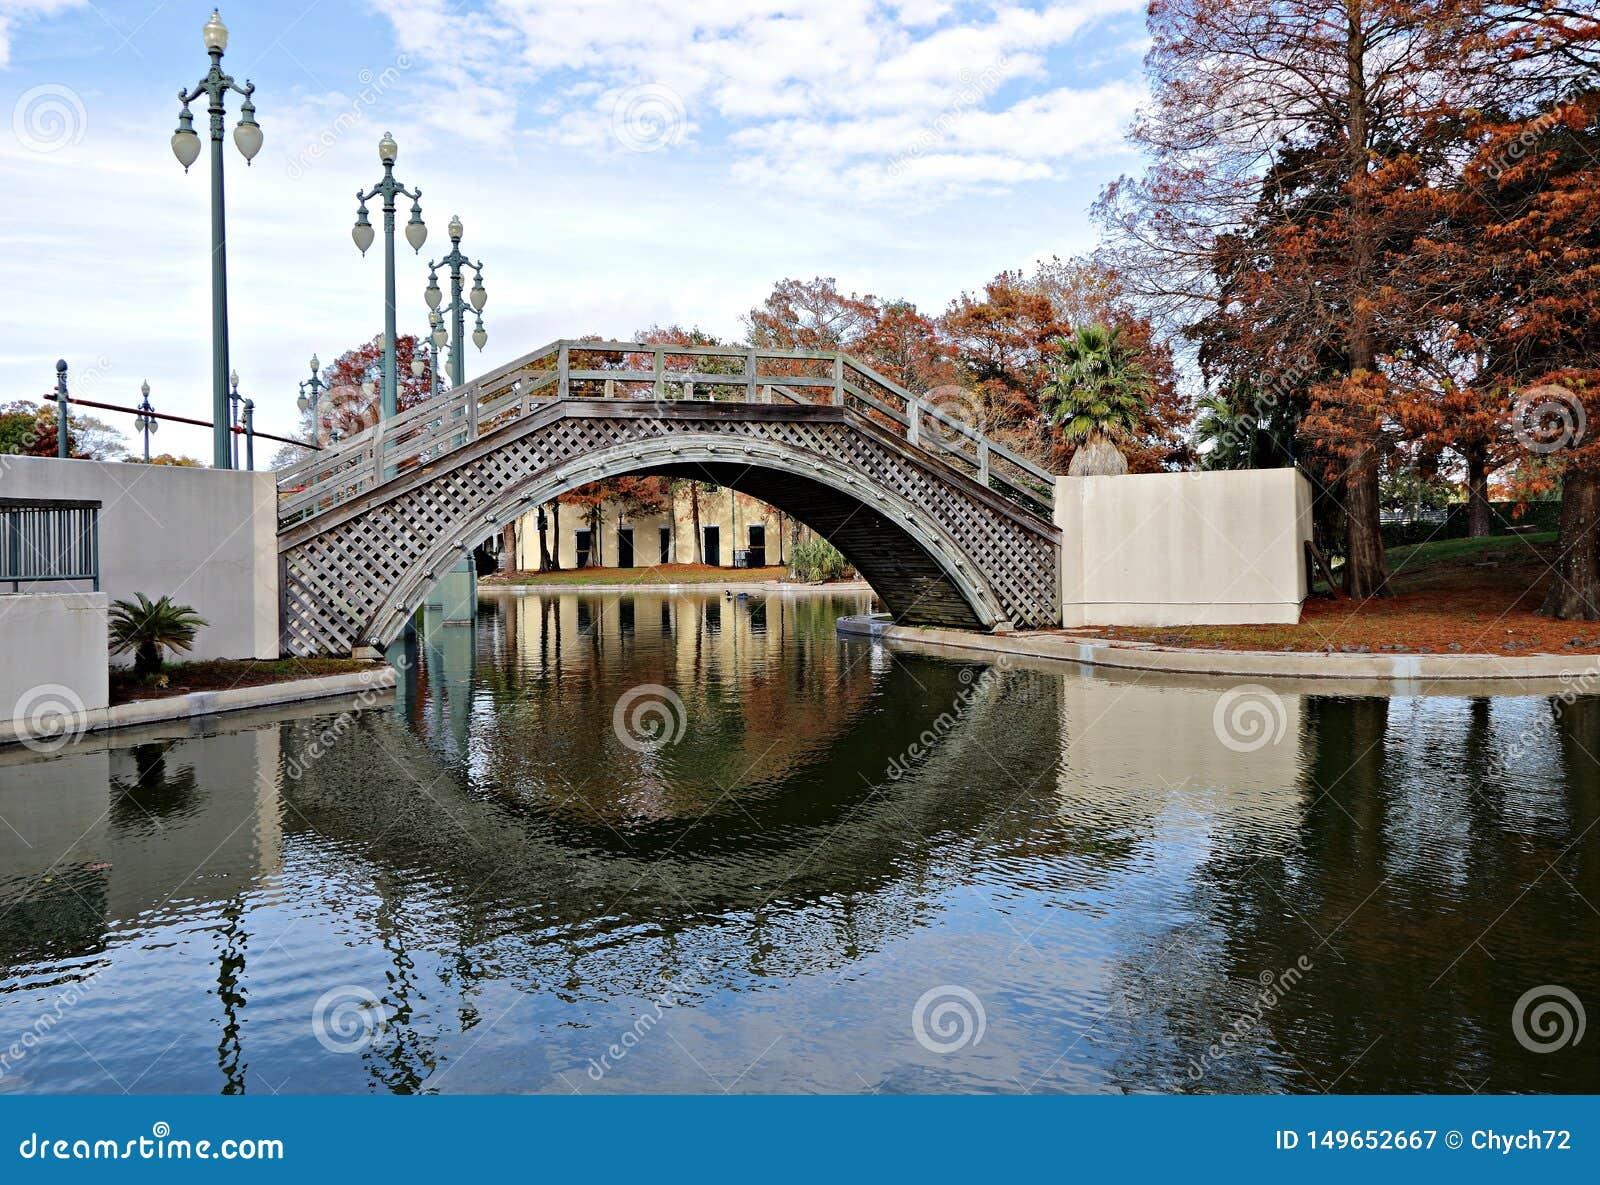 Toneelmening van een brug, meer en cipresbomen in Louis Armstrong Park, New Orleans, Louisiane